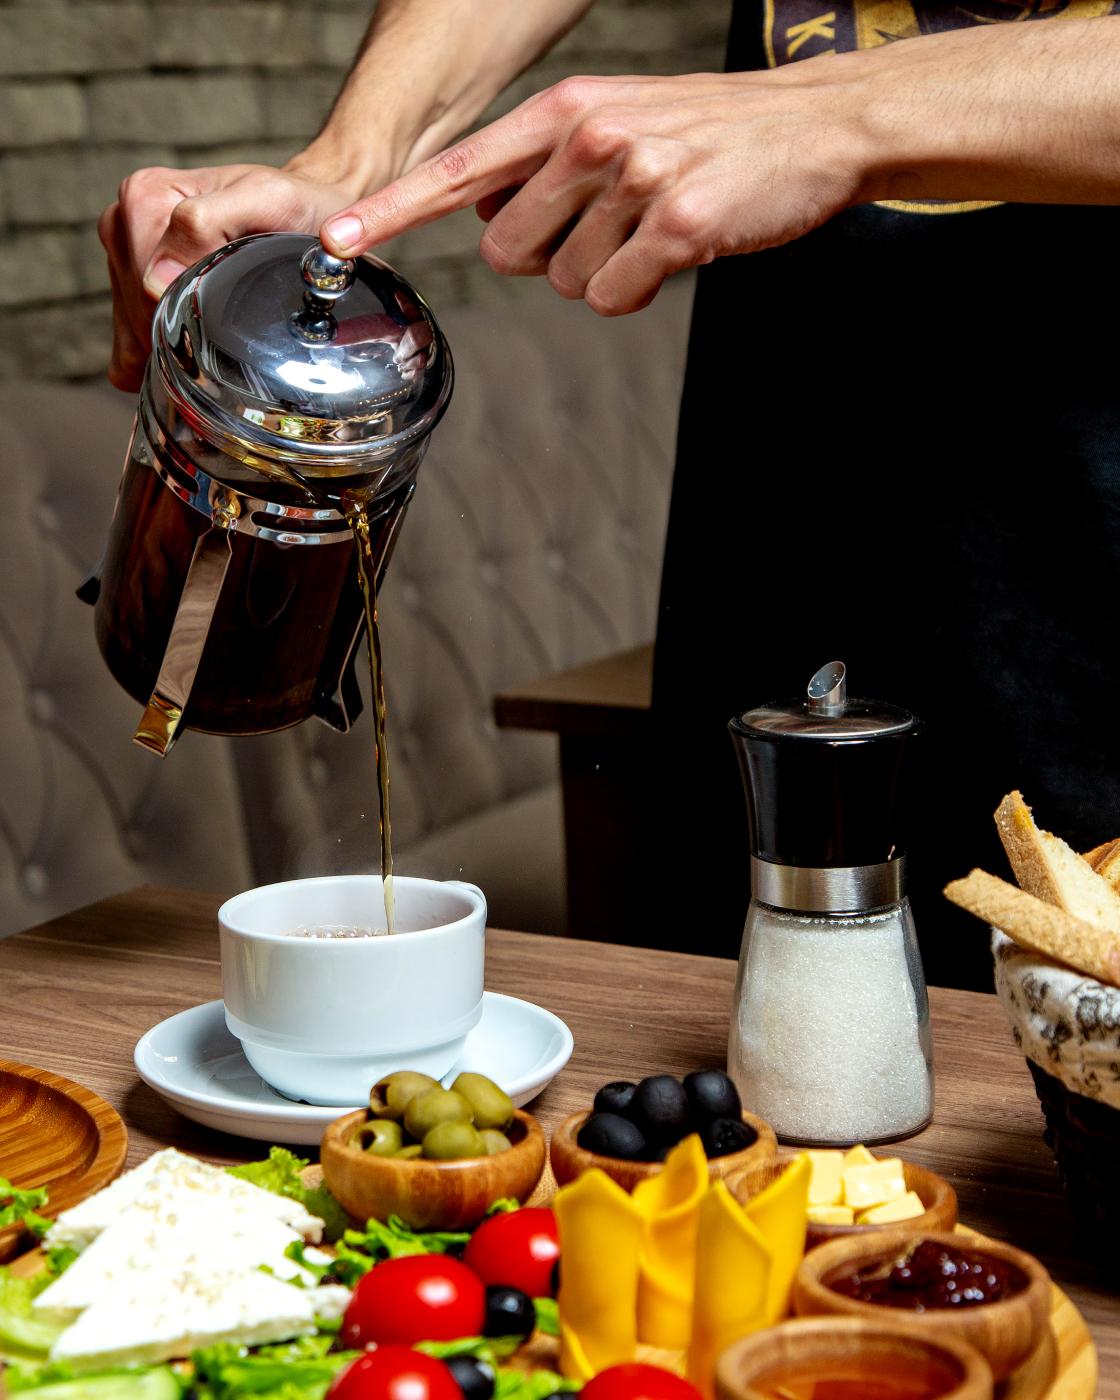 قهوه ساز فرانسوی